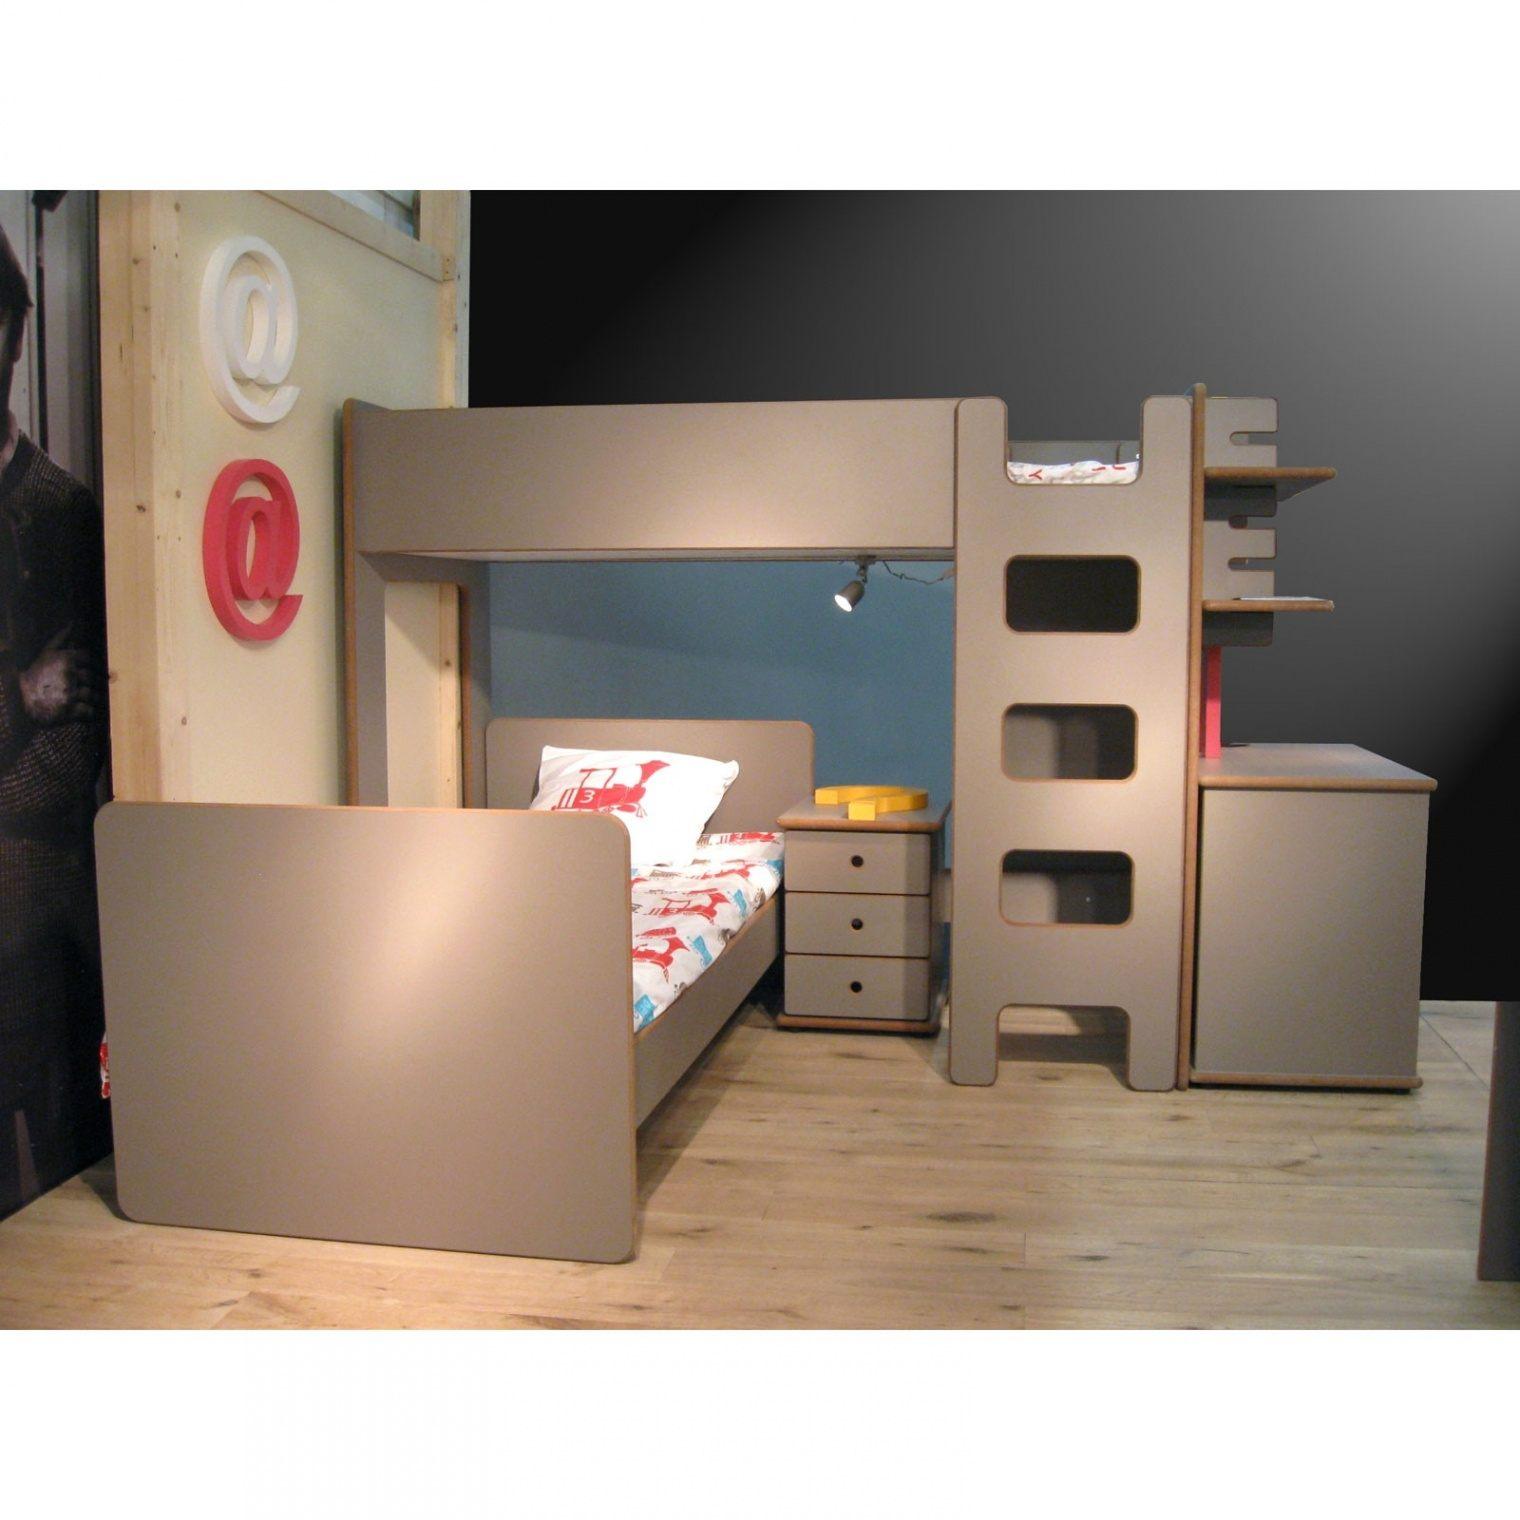 Lit Bebe Metal Frais Délicieux Tapis Chambre D Enfant Et Tapis Enfant Design Cool